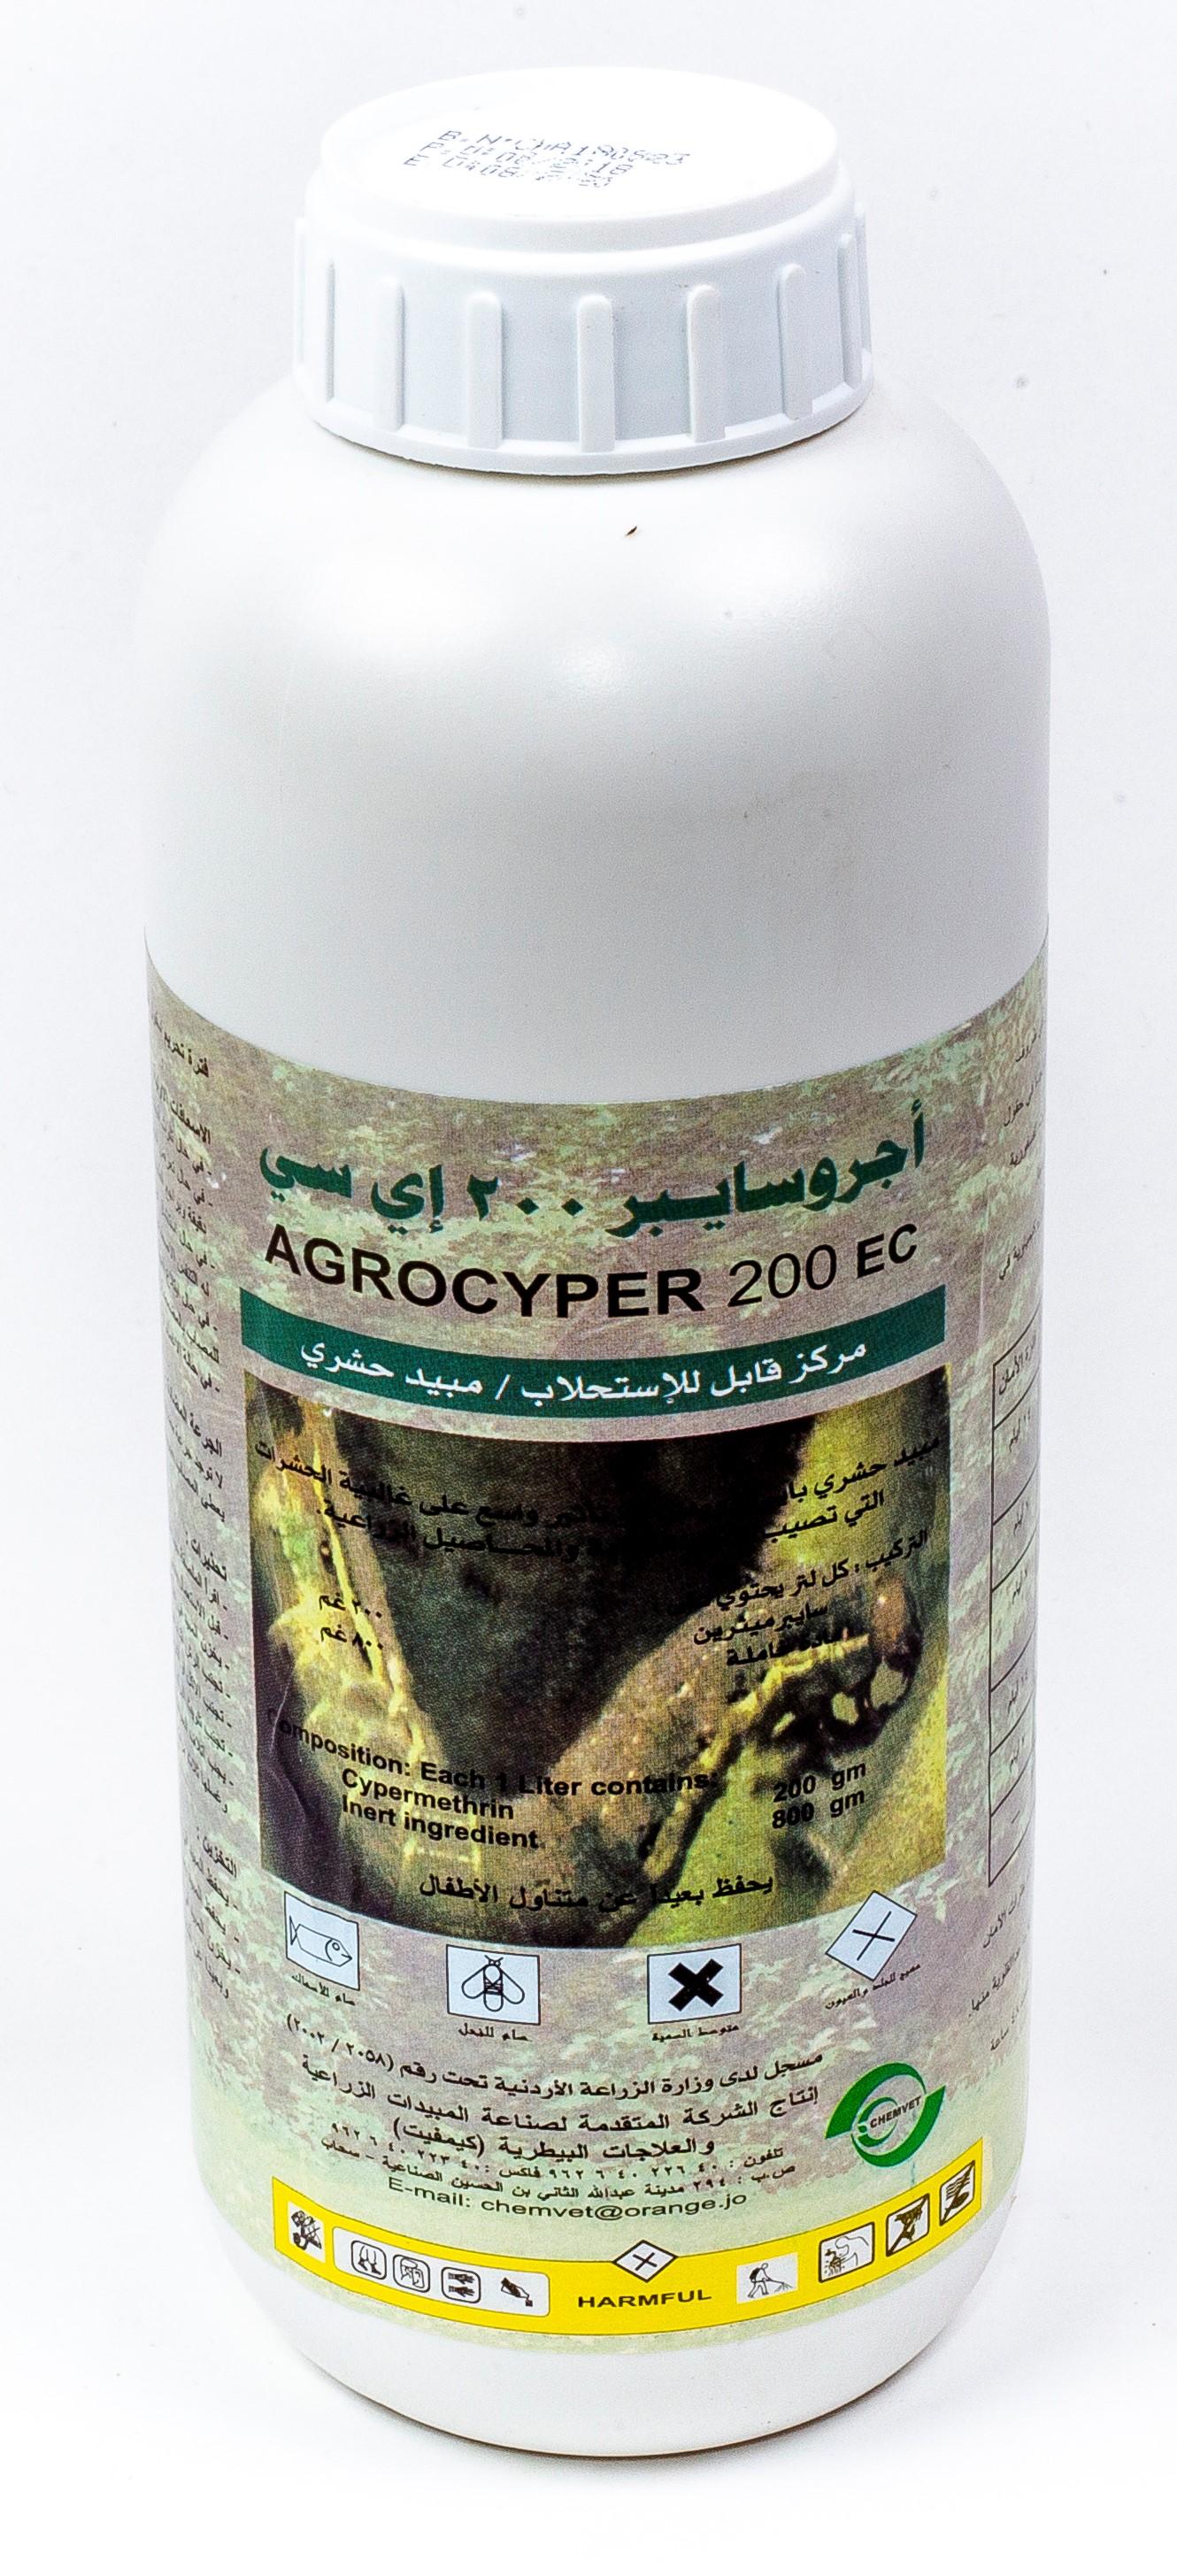 Agrocyper 20 EC